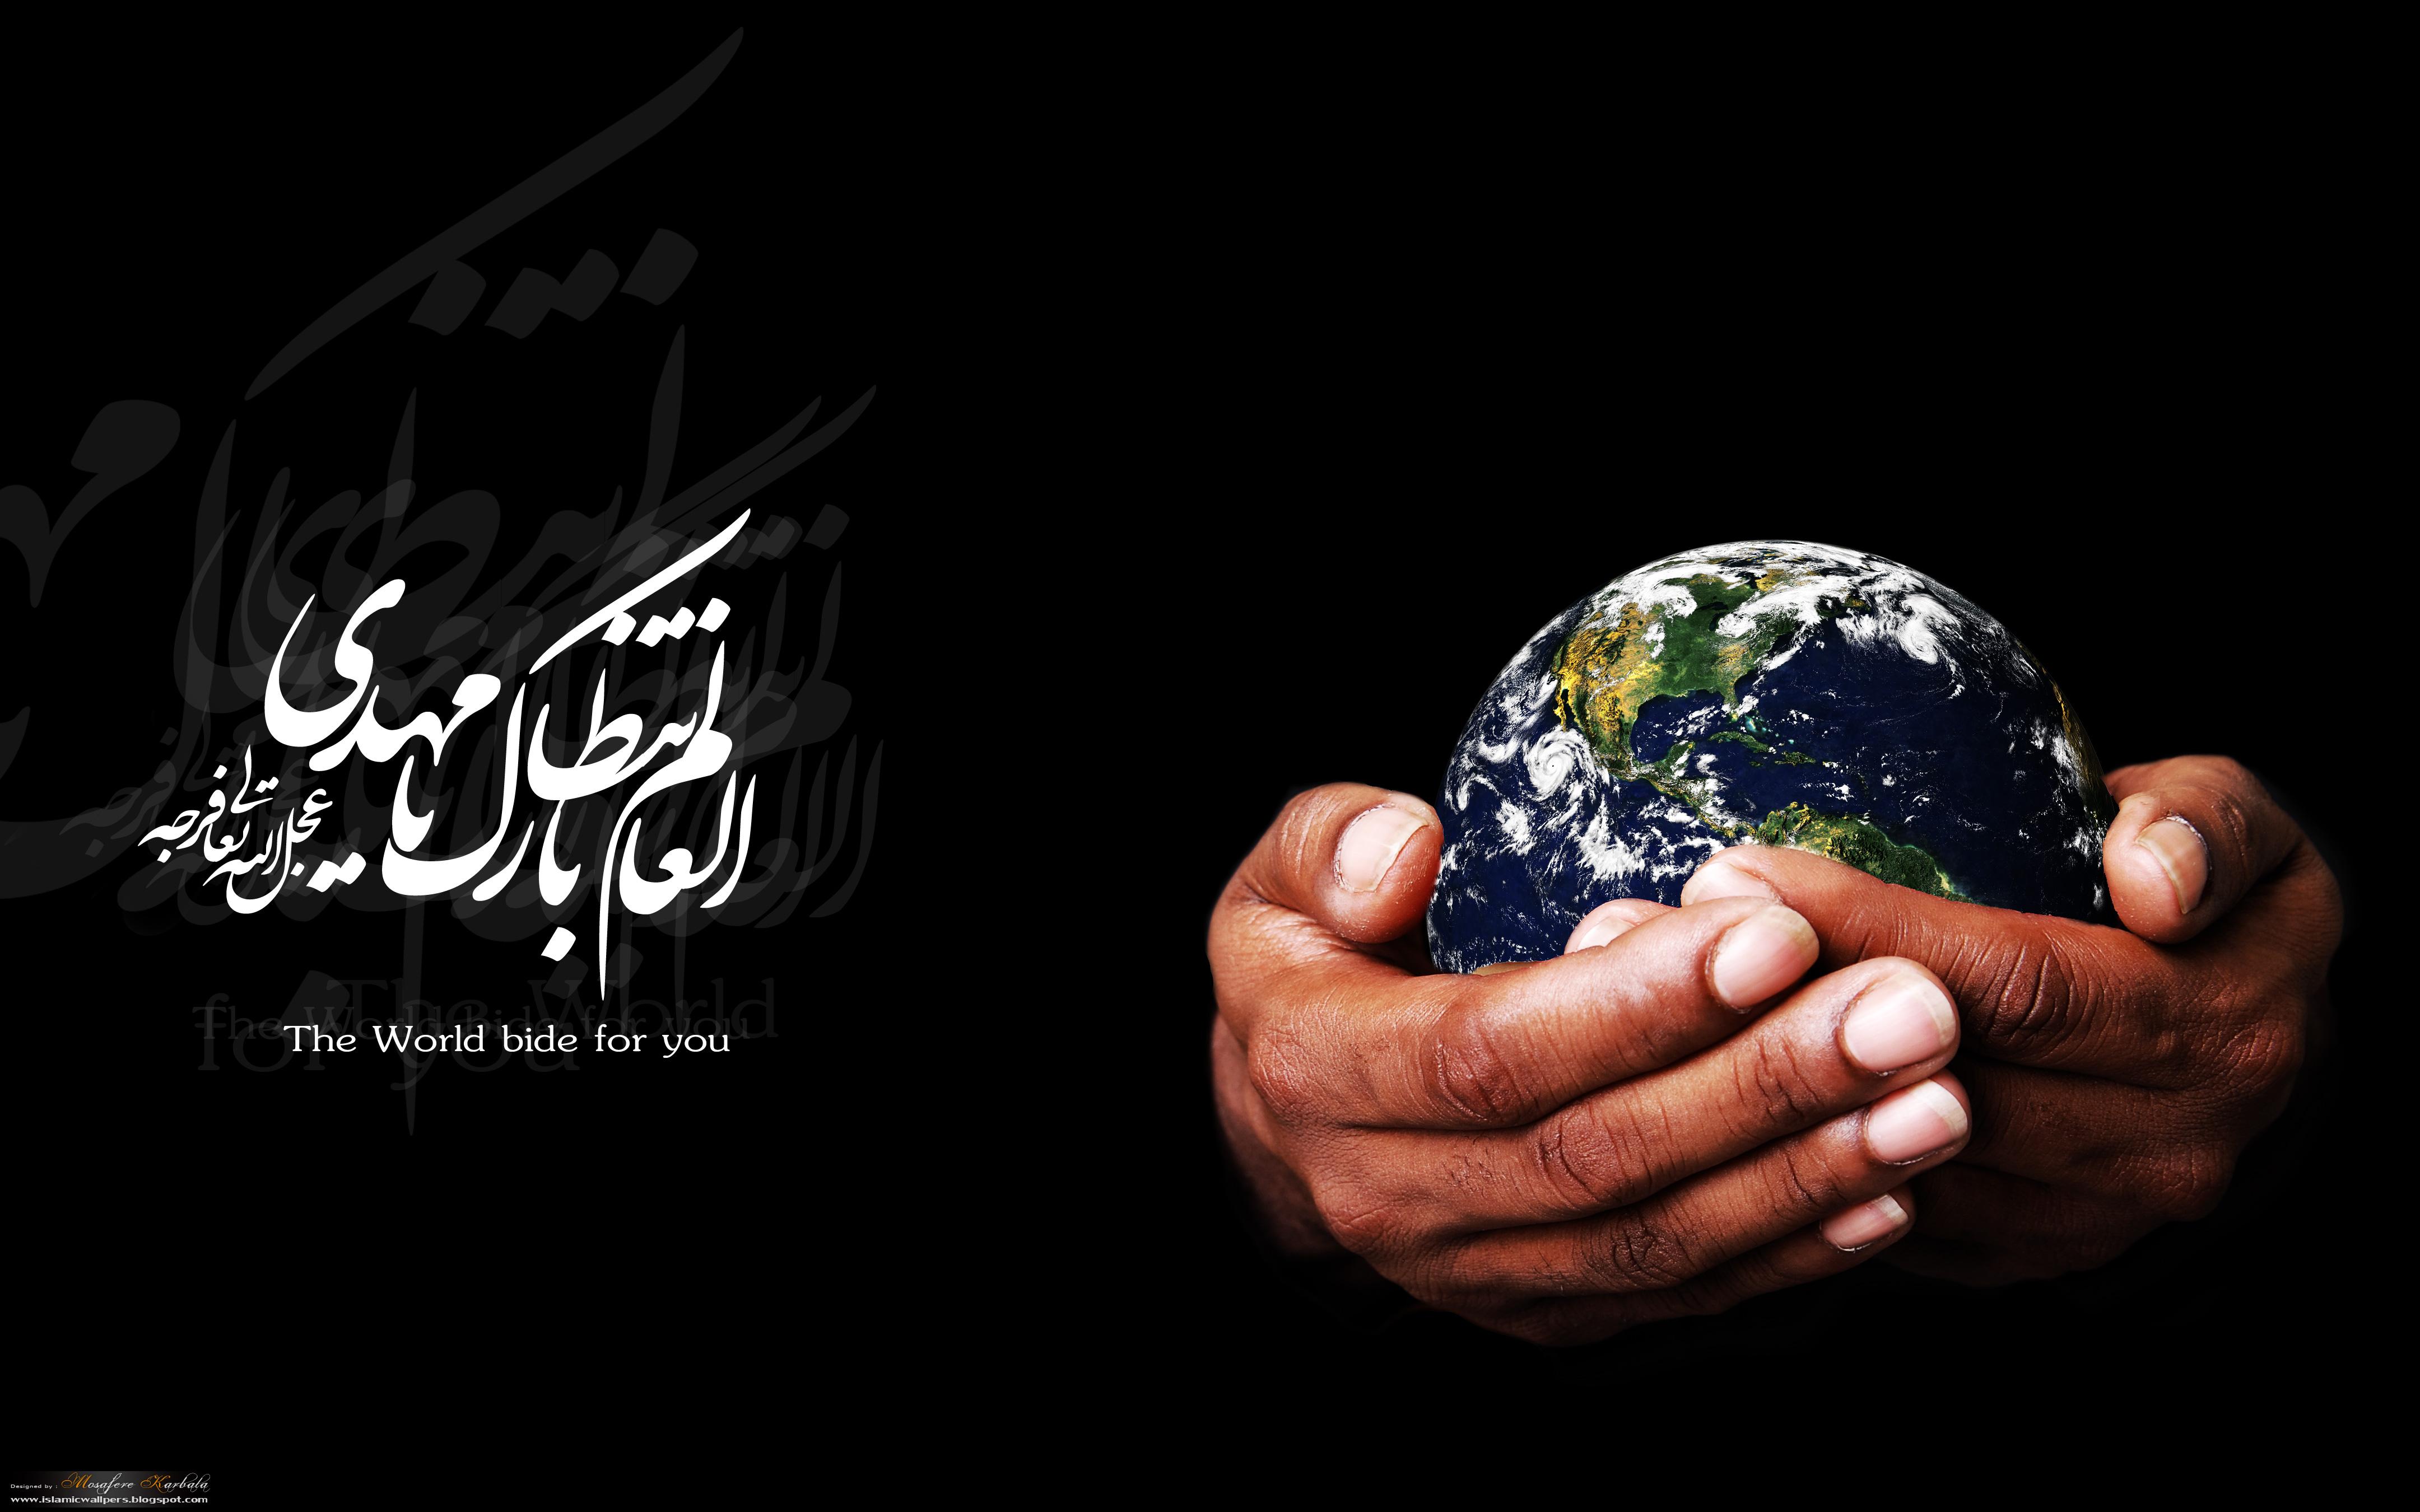 http://fc01.deviantart.net/fs41/f/2009/053/f/0/Imam_Mahdi_Aj_by_islamicwallpers.jpg